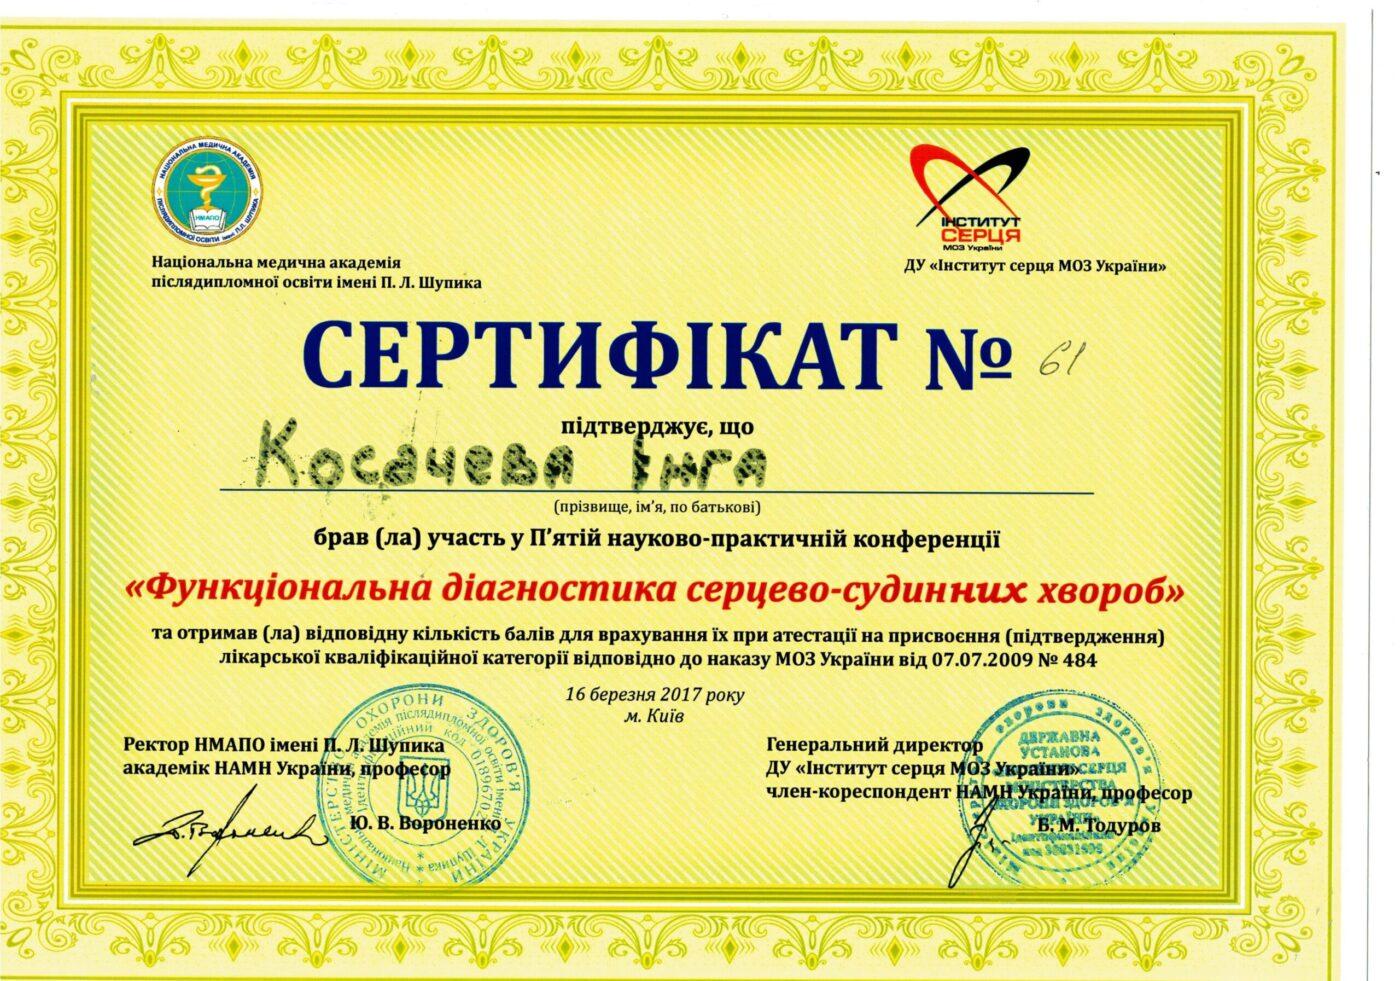 Сертифікат дитячого лікаря анестезіолога Косачевої Інги Сергіївни об участі у конференции (Функціональна діагностика серцево-судинних хвороб)